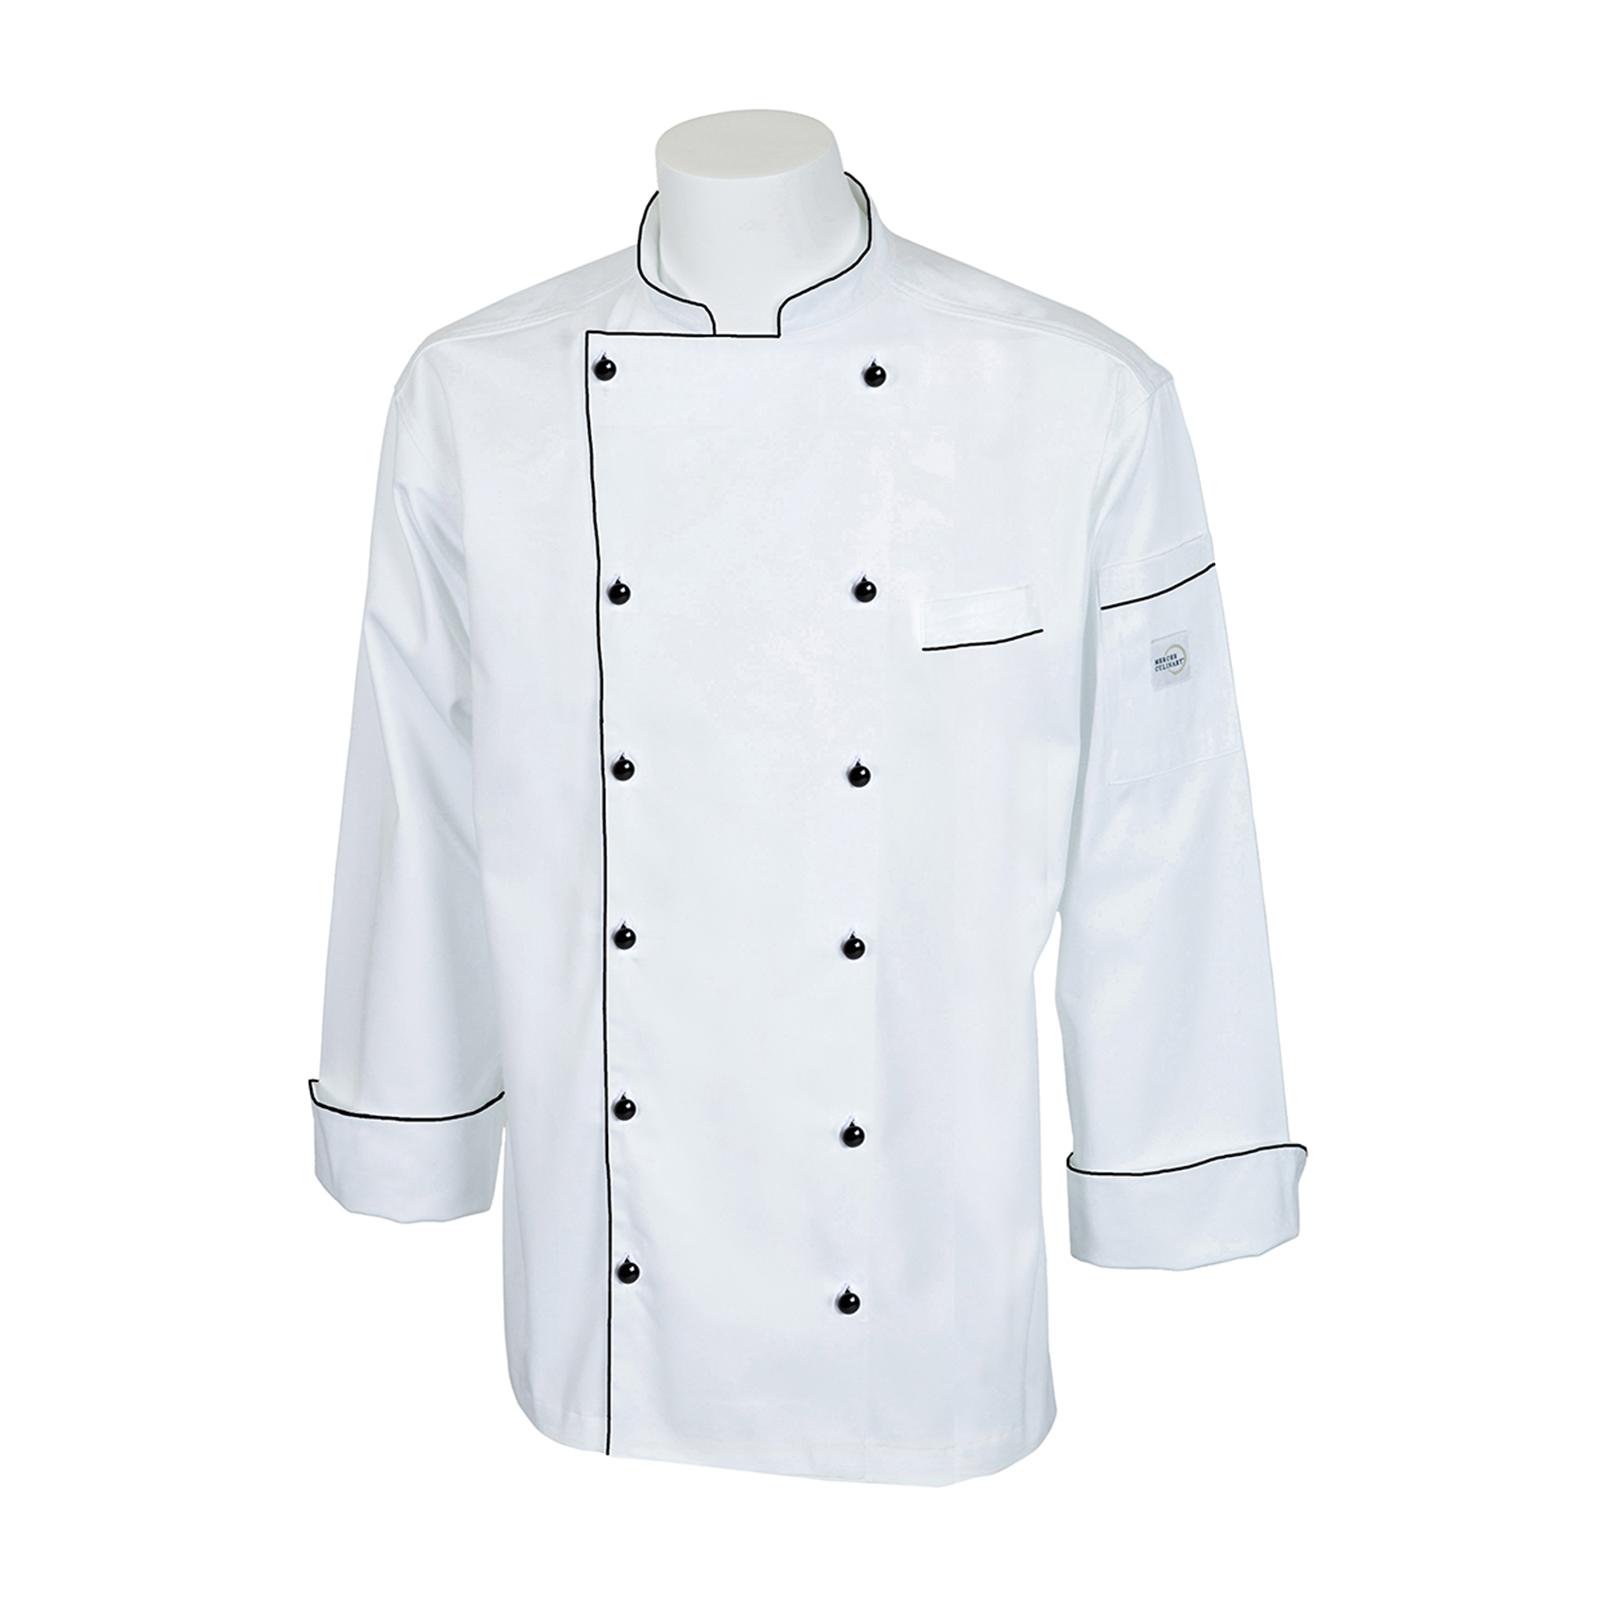 Mercer Culinary M62090WB2X chef's coat